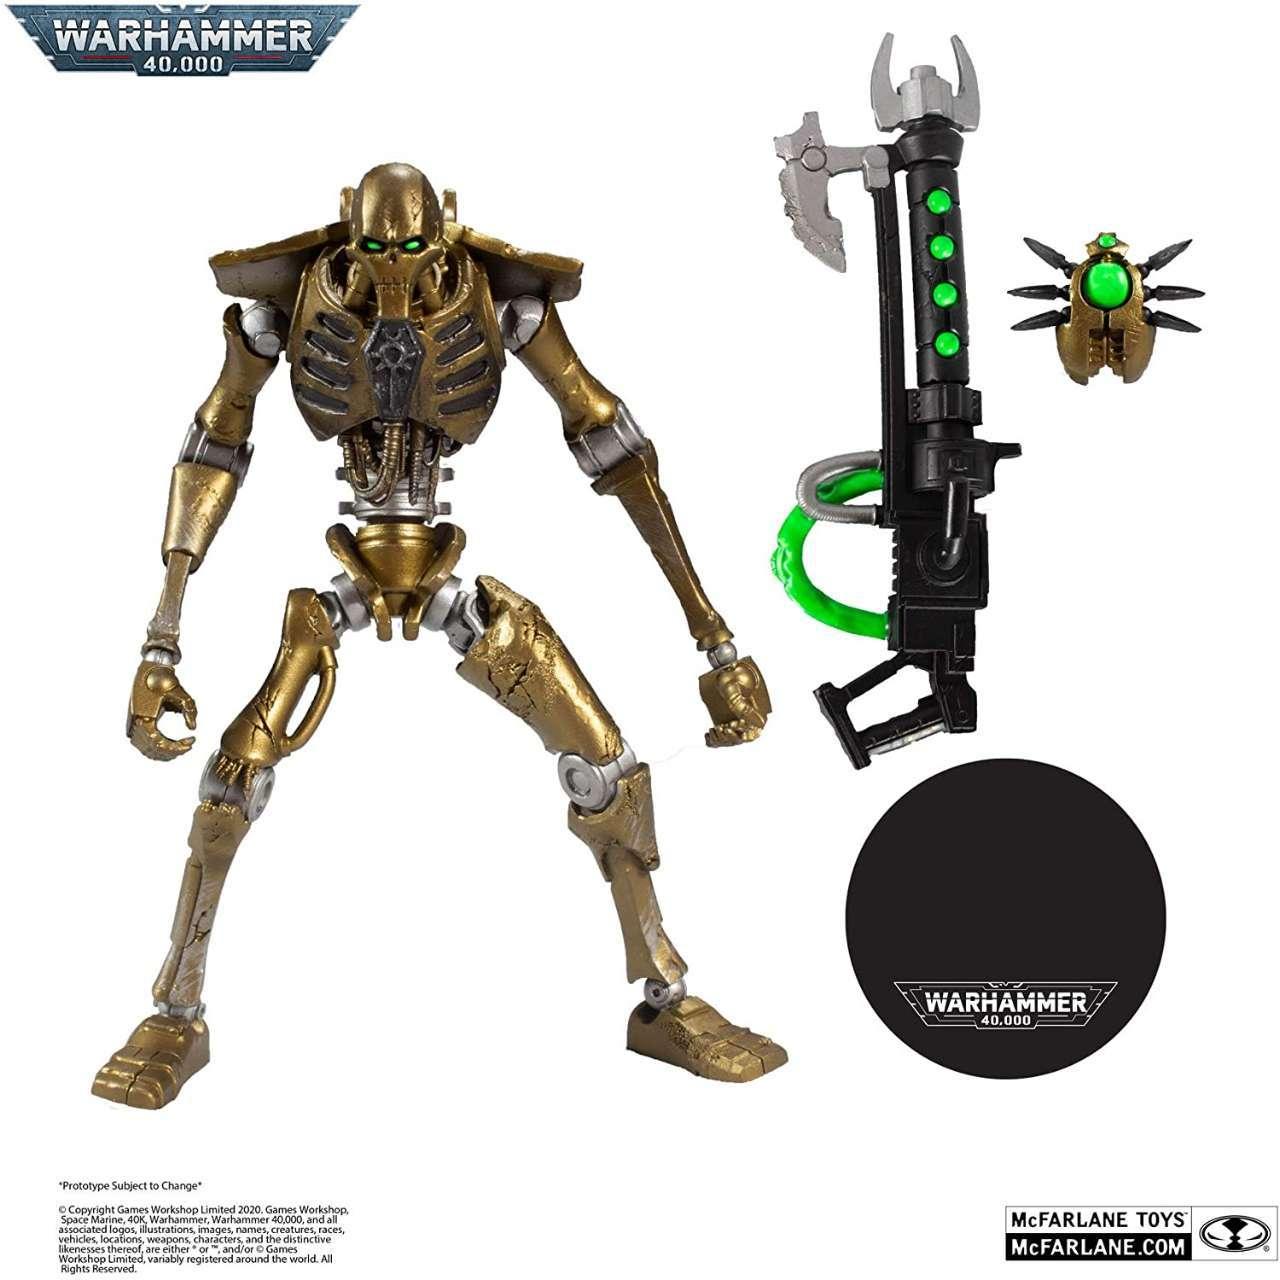 mcfarlane-warhammer-4000071FjQ+SZC5L_AC_SL1500_